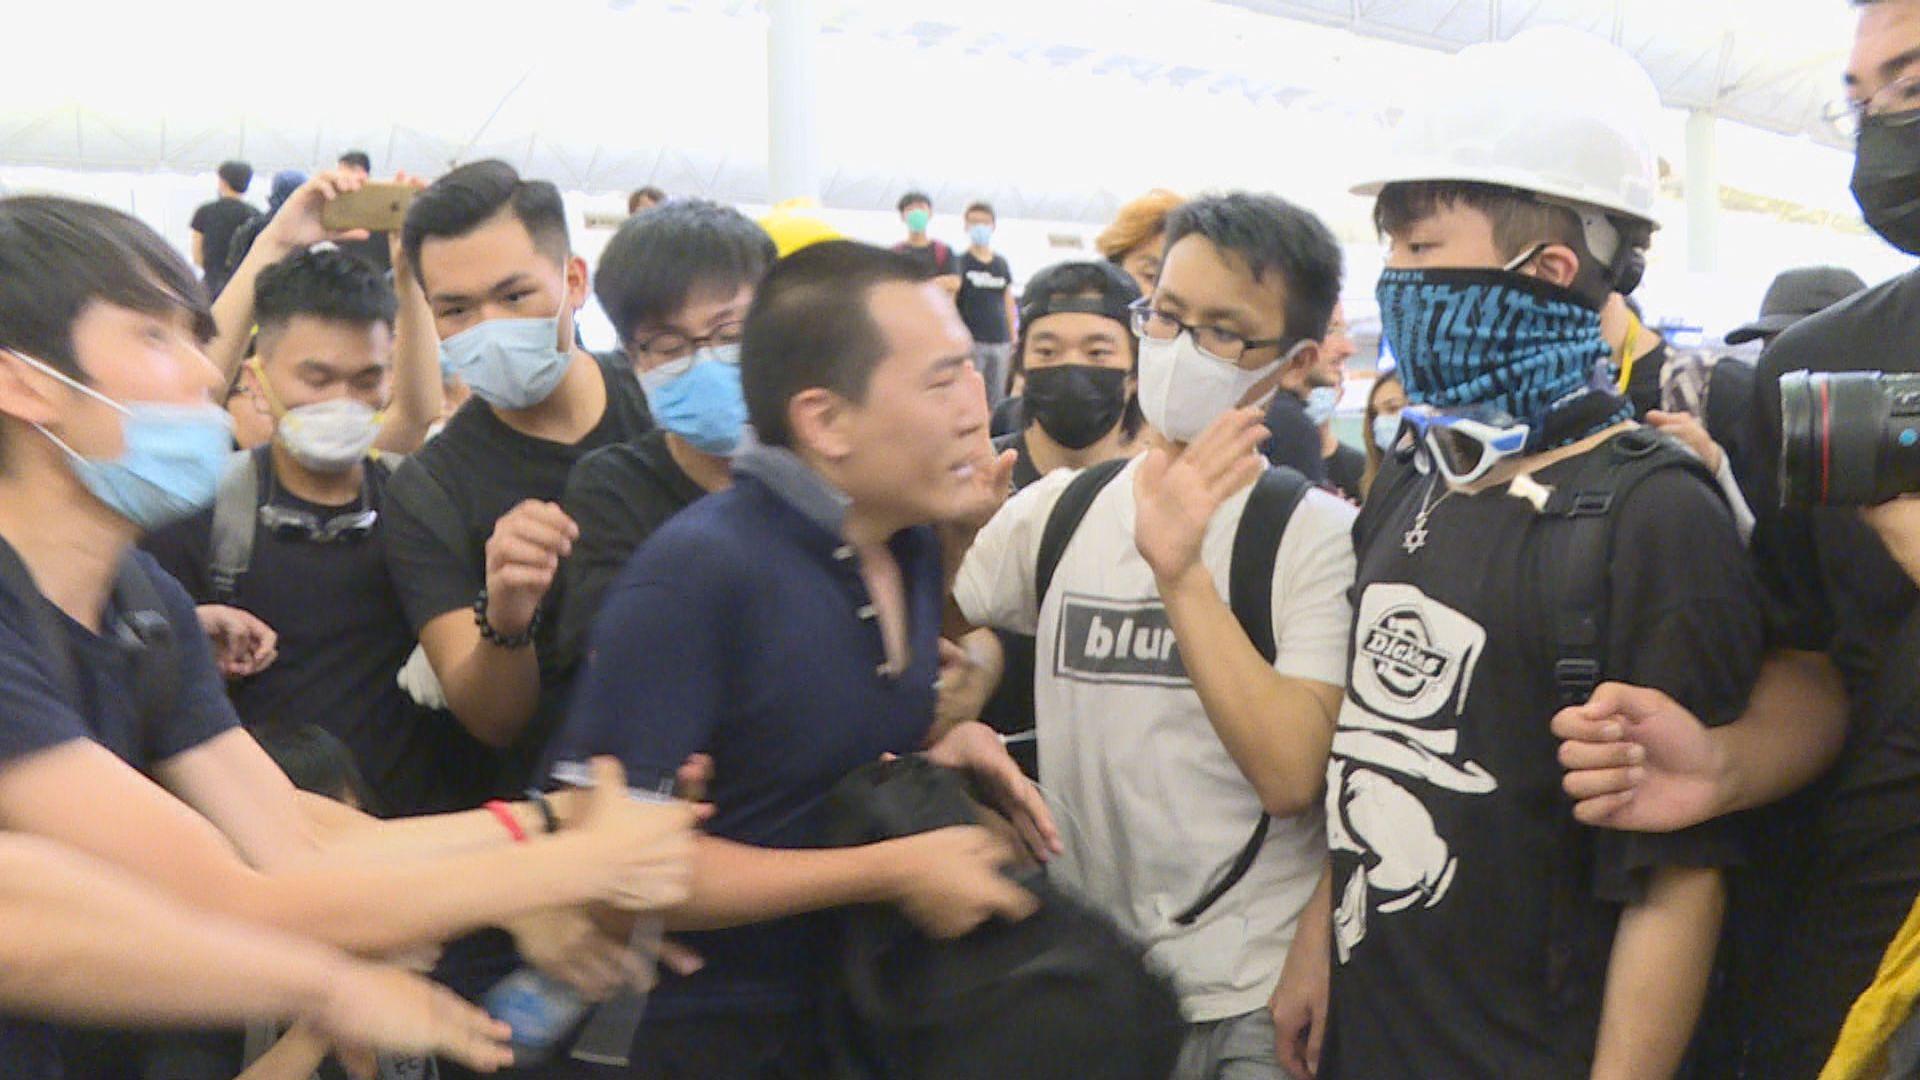 付國豪稱示威者對普通話人有偏見故以英文說是遊客